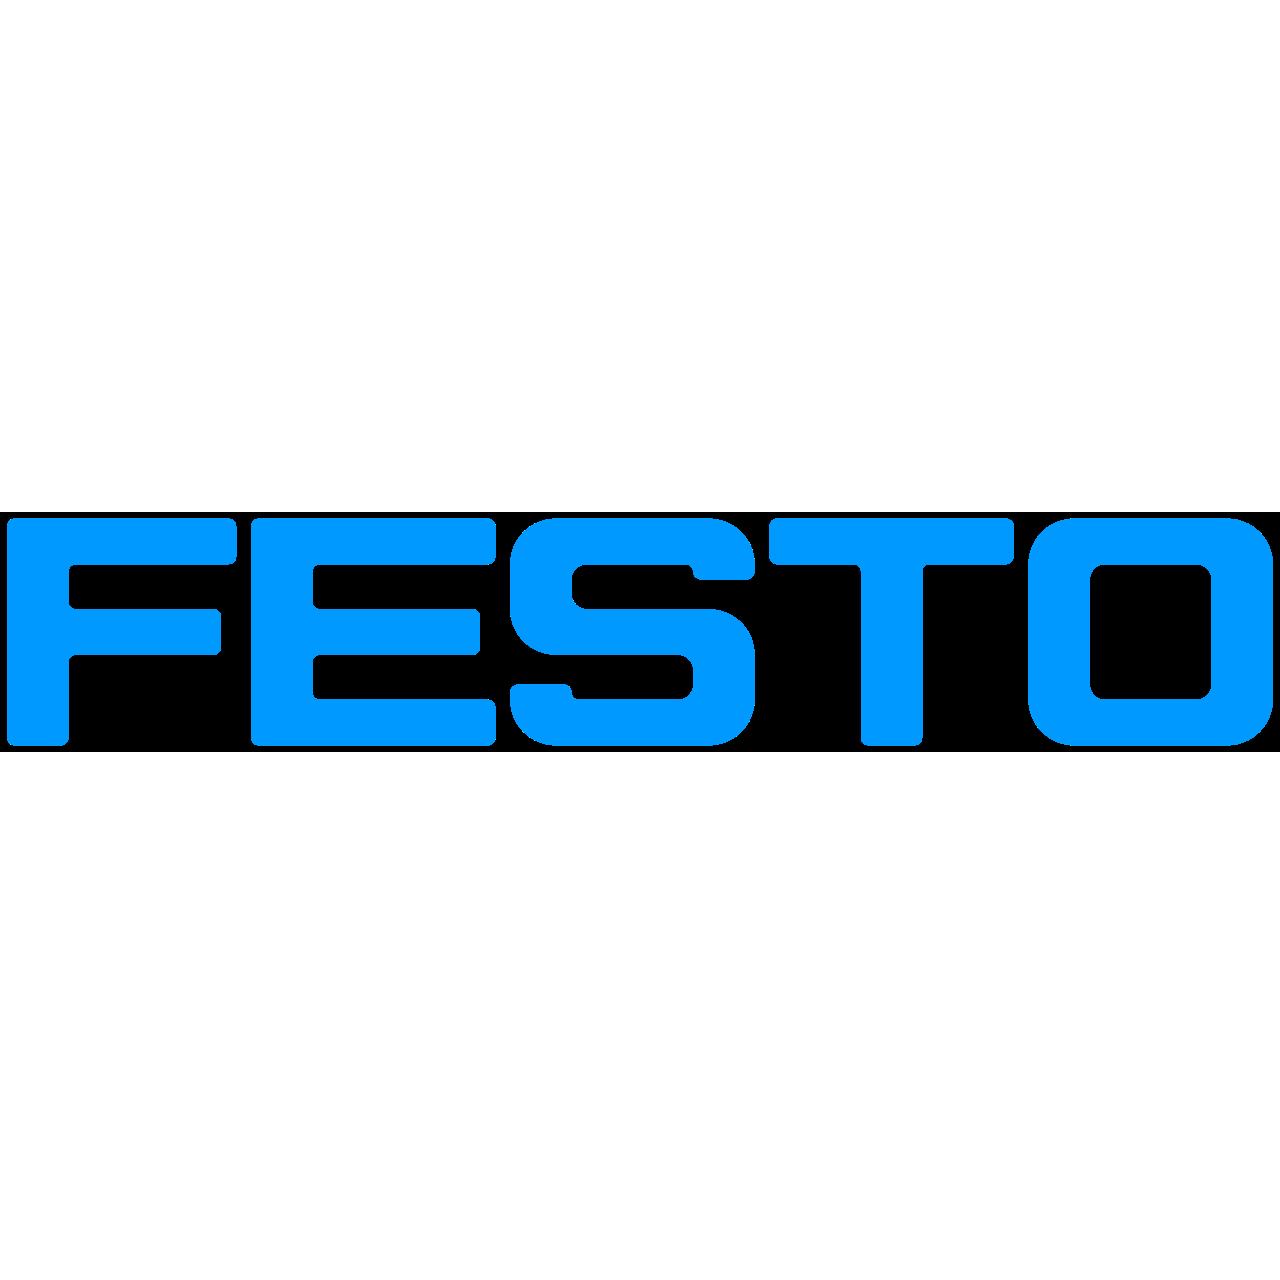 Festo is een toonaangevende wereldwijde leverancier van automatiseringstechnologie en de leider op het gebied van industriële trainings- en opleidingsprogramma's. Het doel: maximale productiviteit en concurrentiekracht voor onze klanten.  Ebora is Festo Partner voor de procestechnology